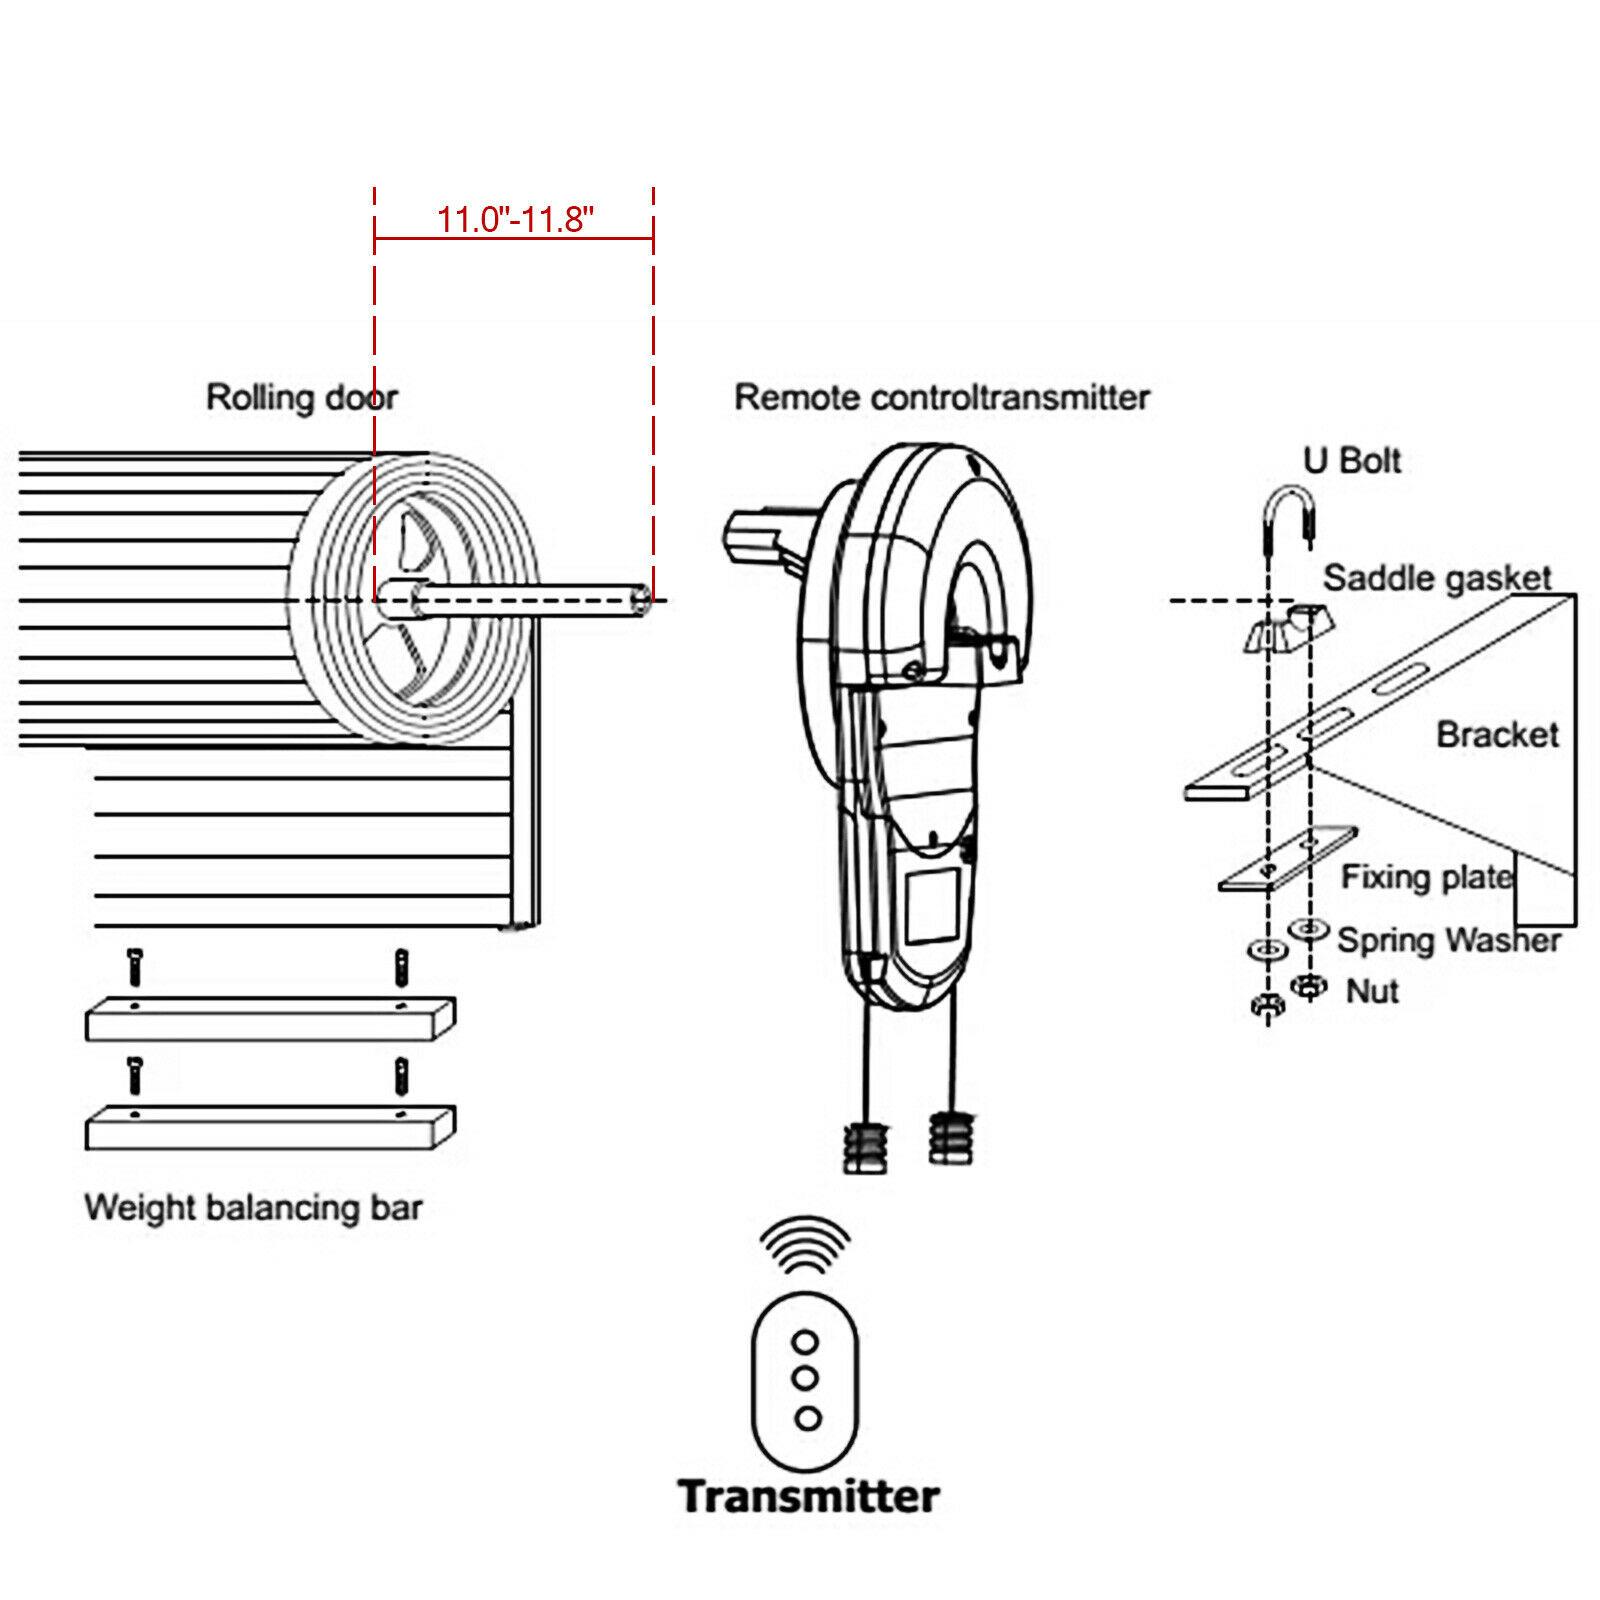 Garage Door Automatic Light: GARAGE ROLLER DOOR OPENER LED LIGHT SOFT STOP POWERFUL